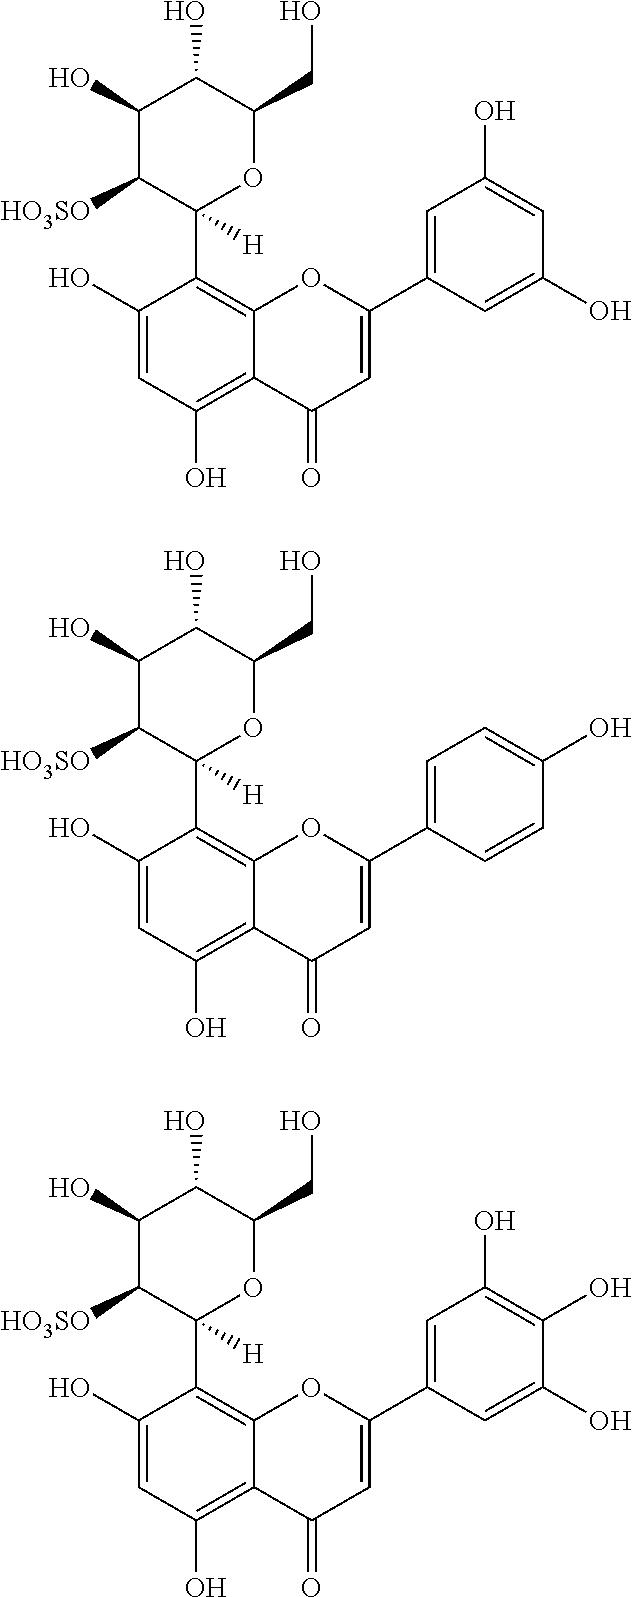 Figure US09962344-20180508-C00084